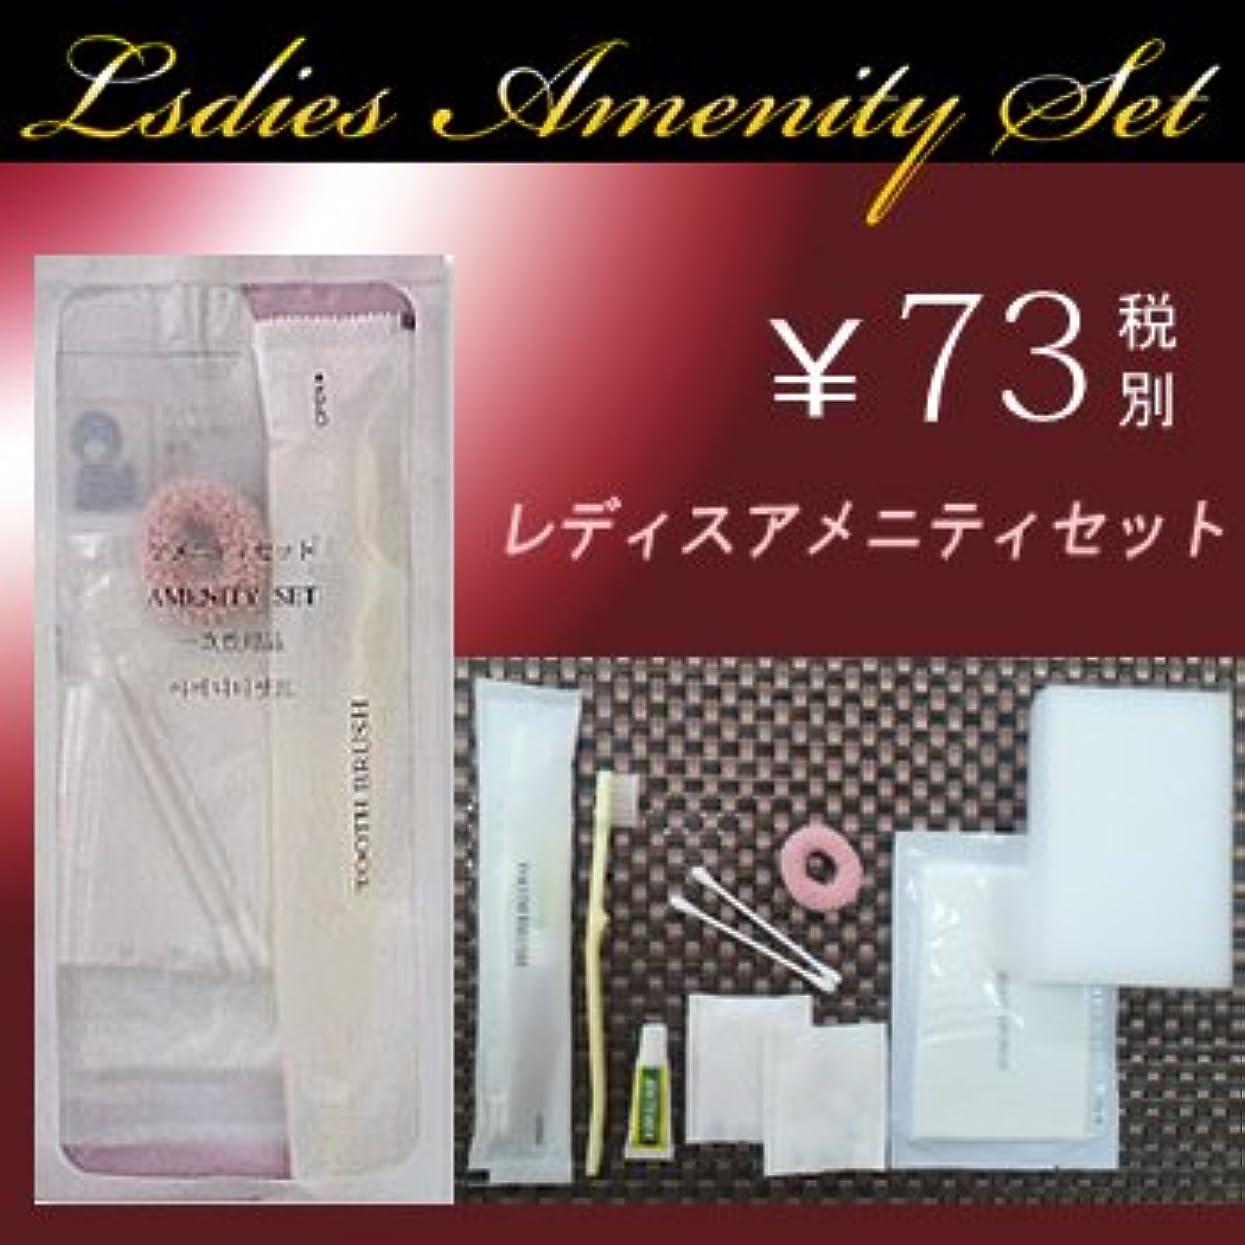 天皇キャリア故意にレディスアメニティフルセット袋入(1セット300個入)